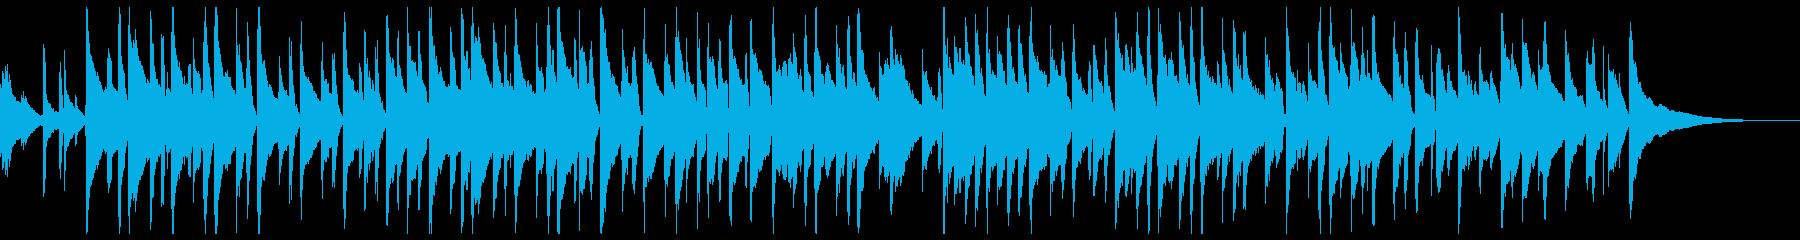 柔らかなピアノ旋律のバラードの再生済みの波形